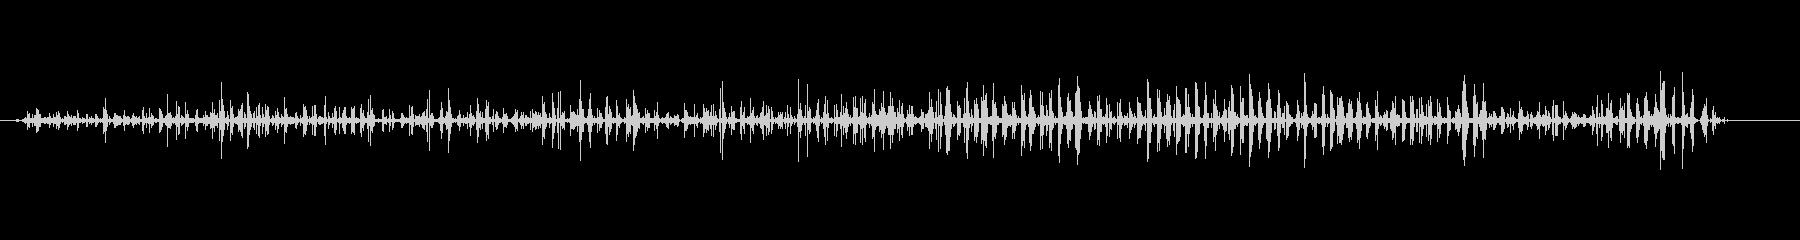 ステップオンアイス-継続的-高速の未再生の波形